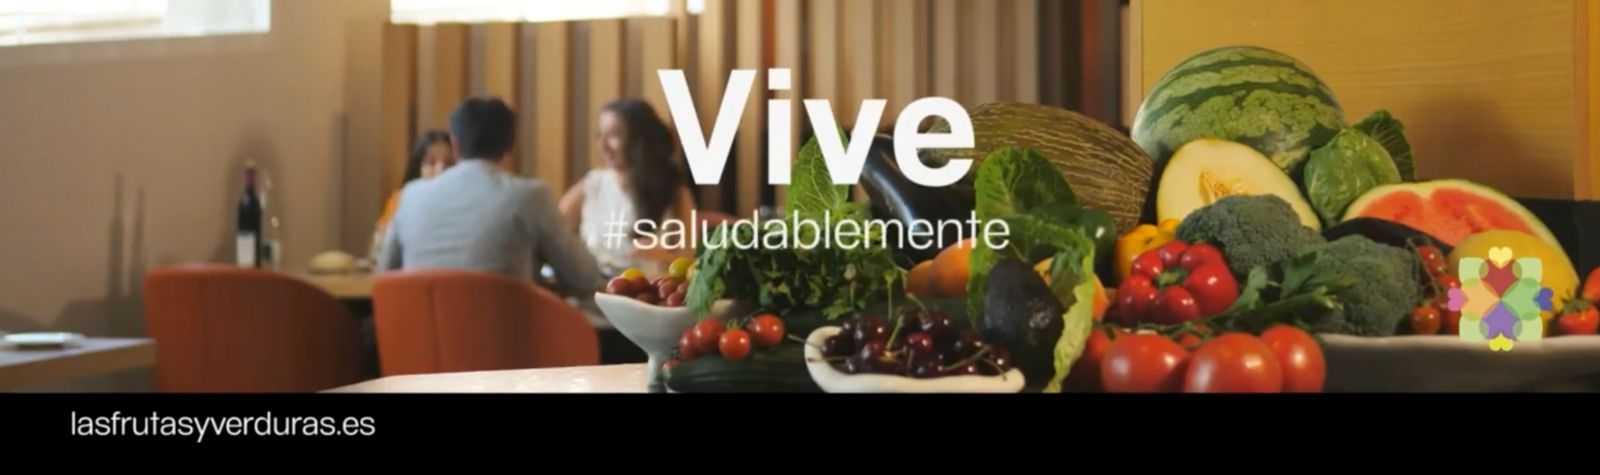 Las frutasyverduras.es dan la bienvenida a los profesionales españoles de la restauración